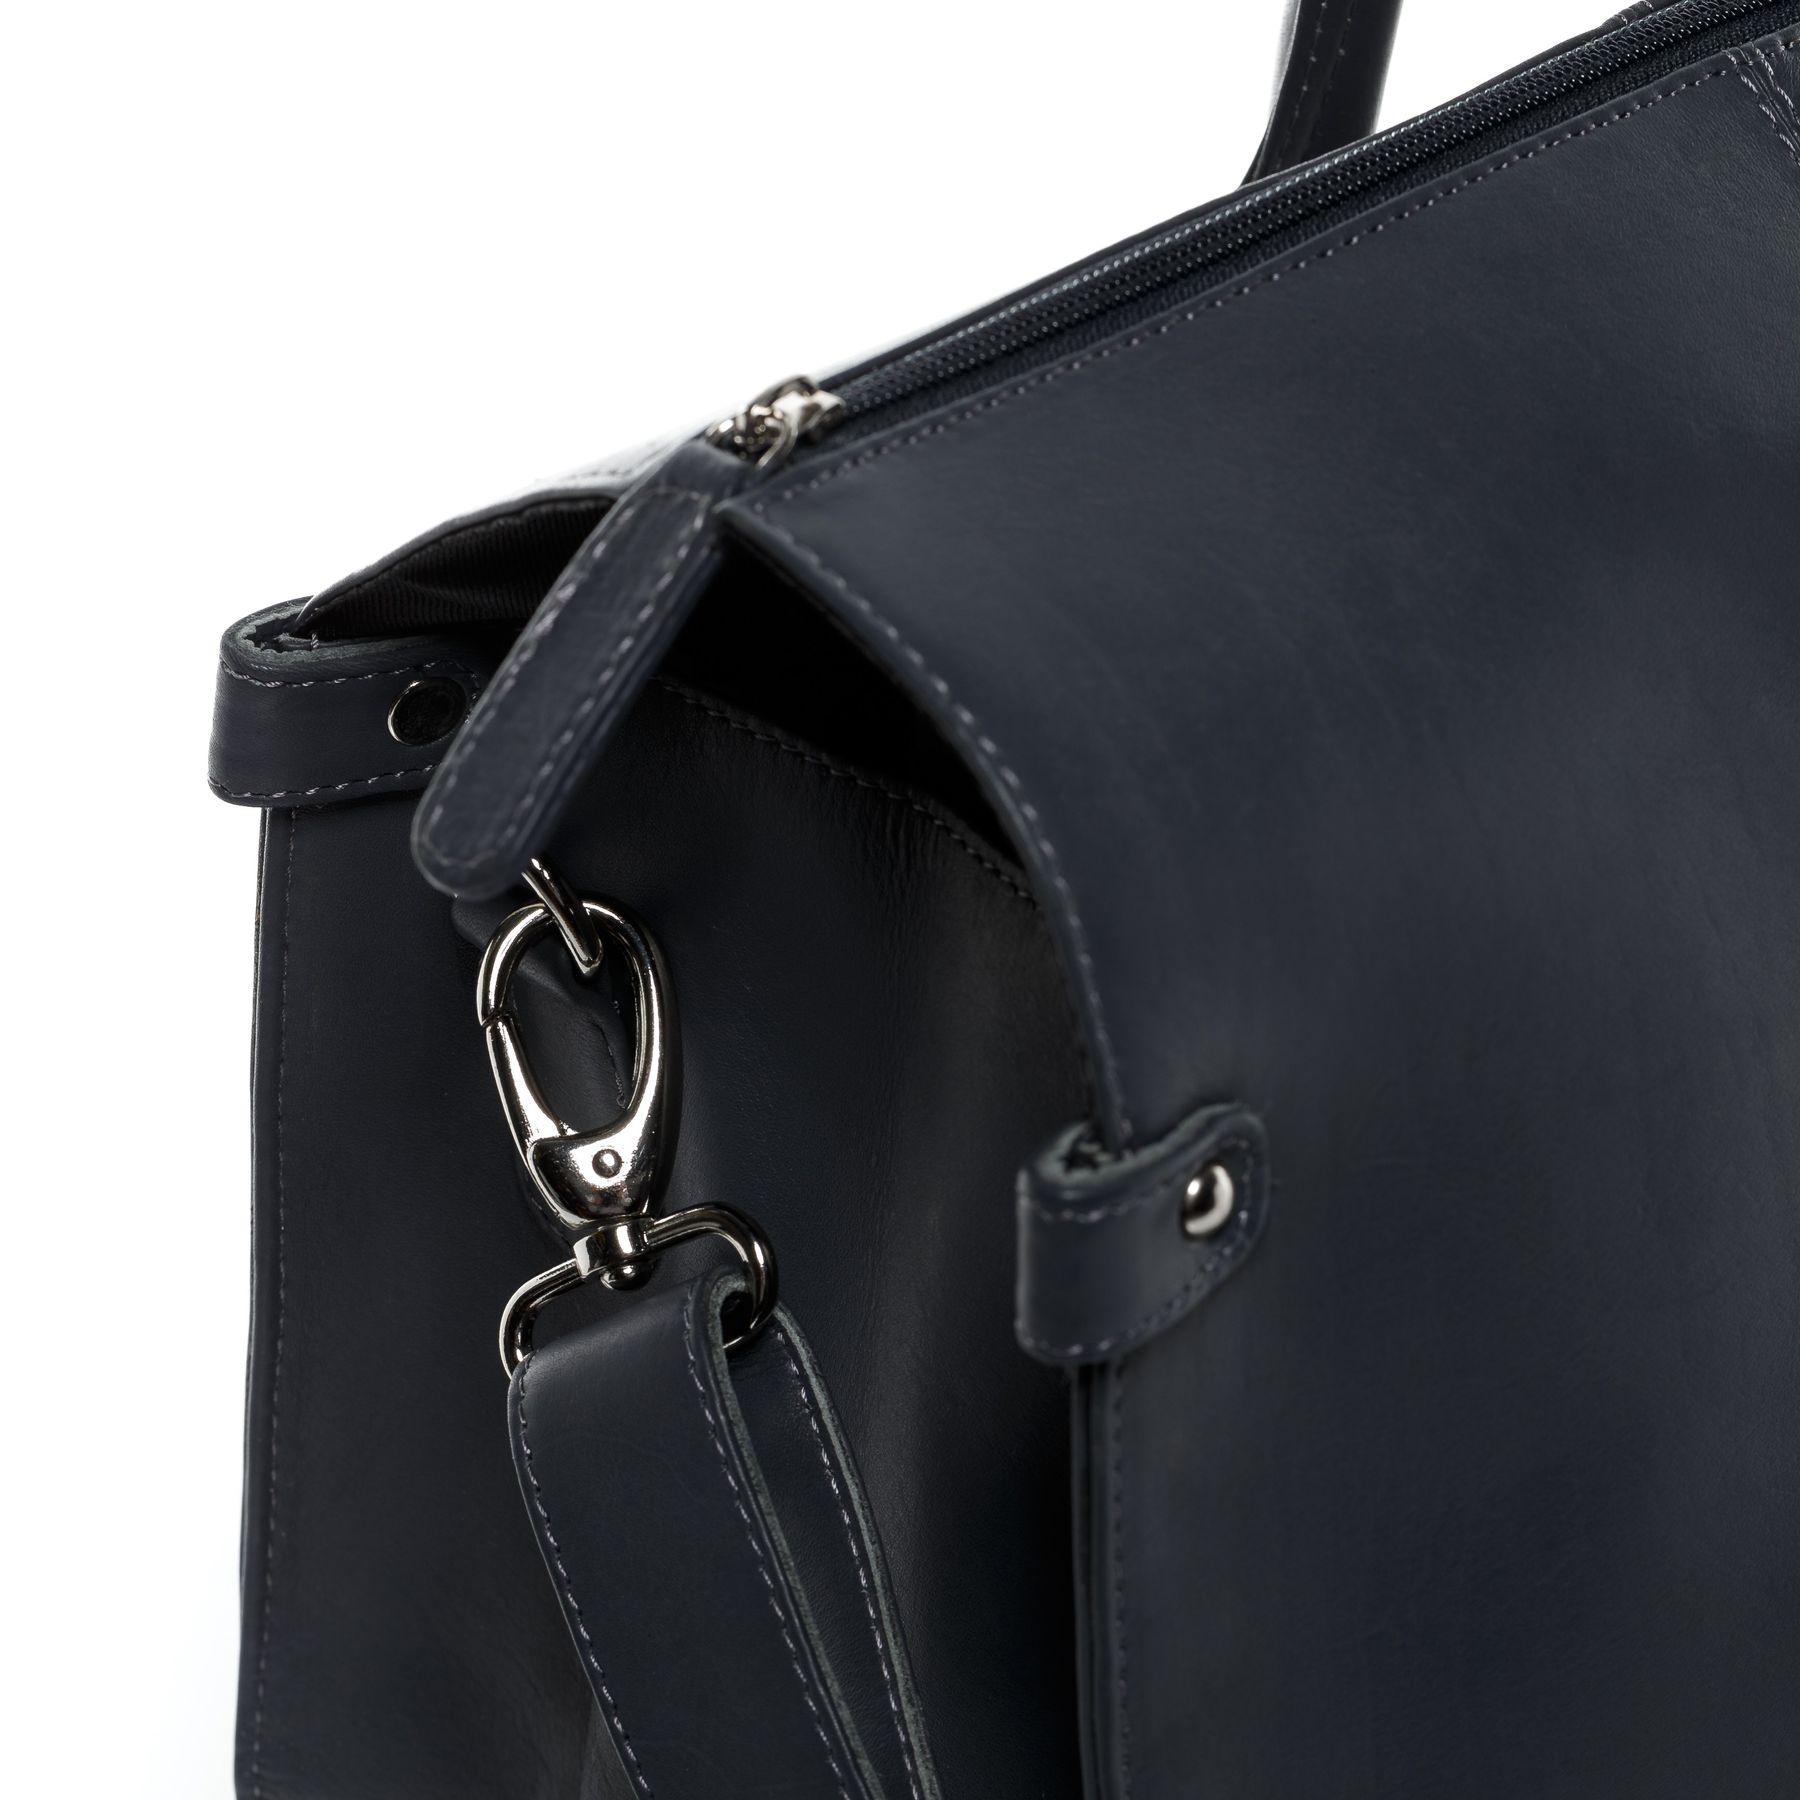 5d242550b2 BACCINI sac de voyage cuir gris fourre-tout besace week-end sac ...